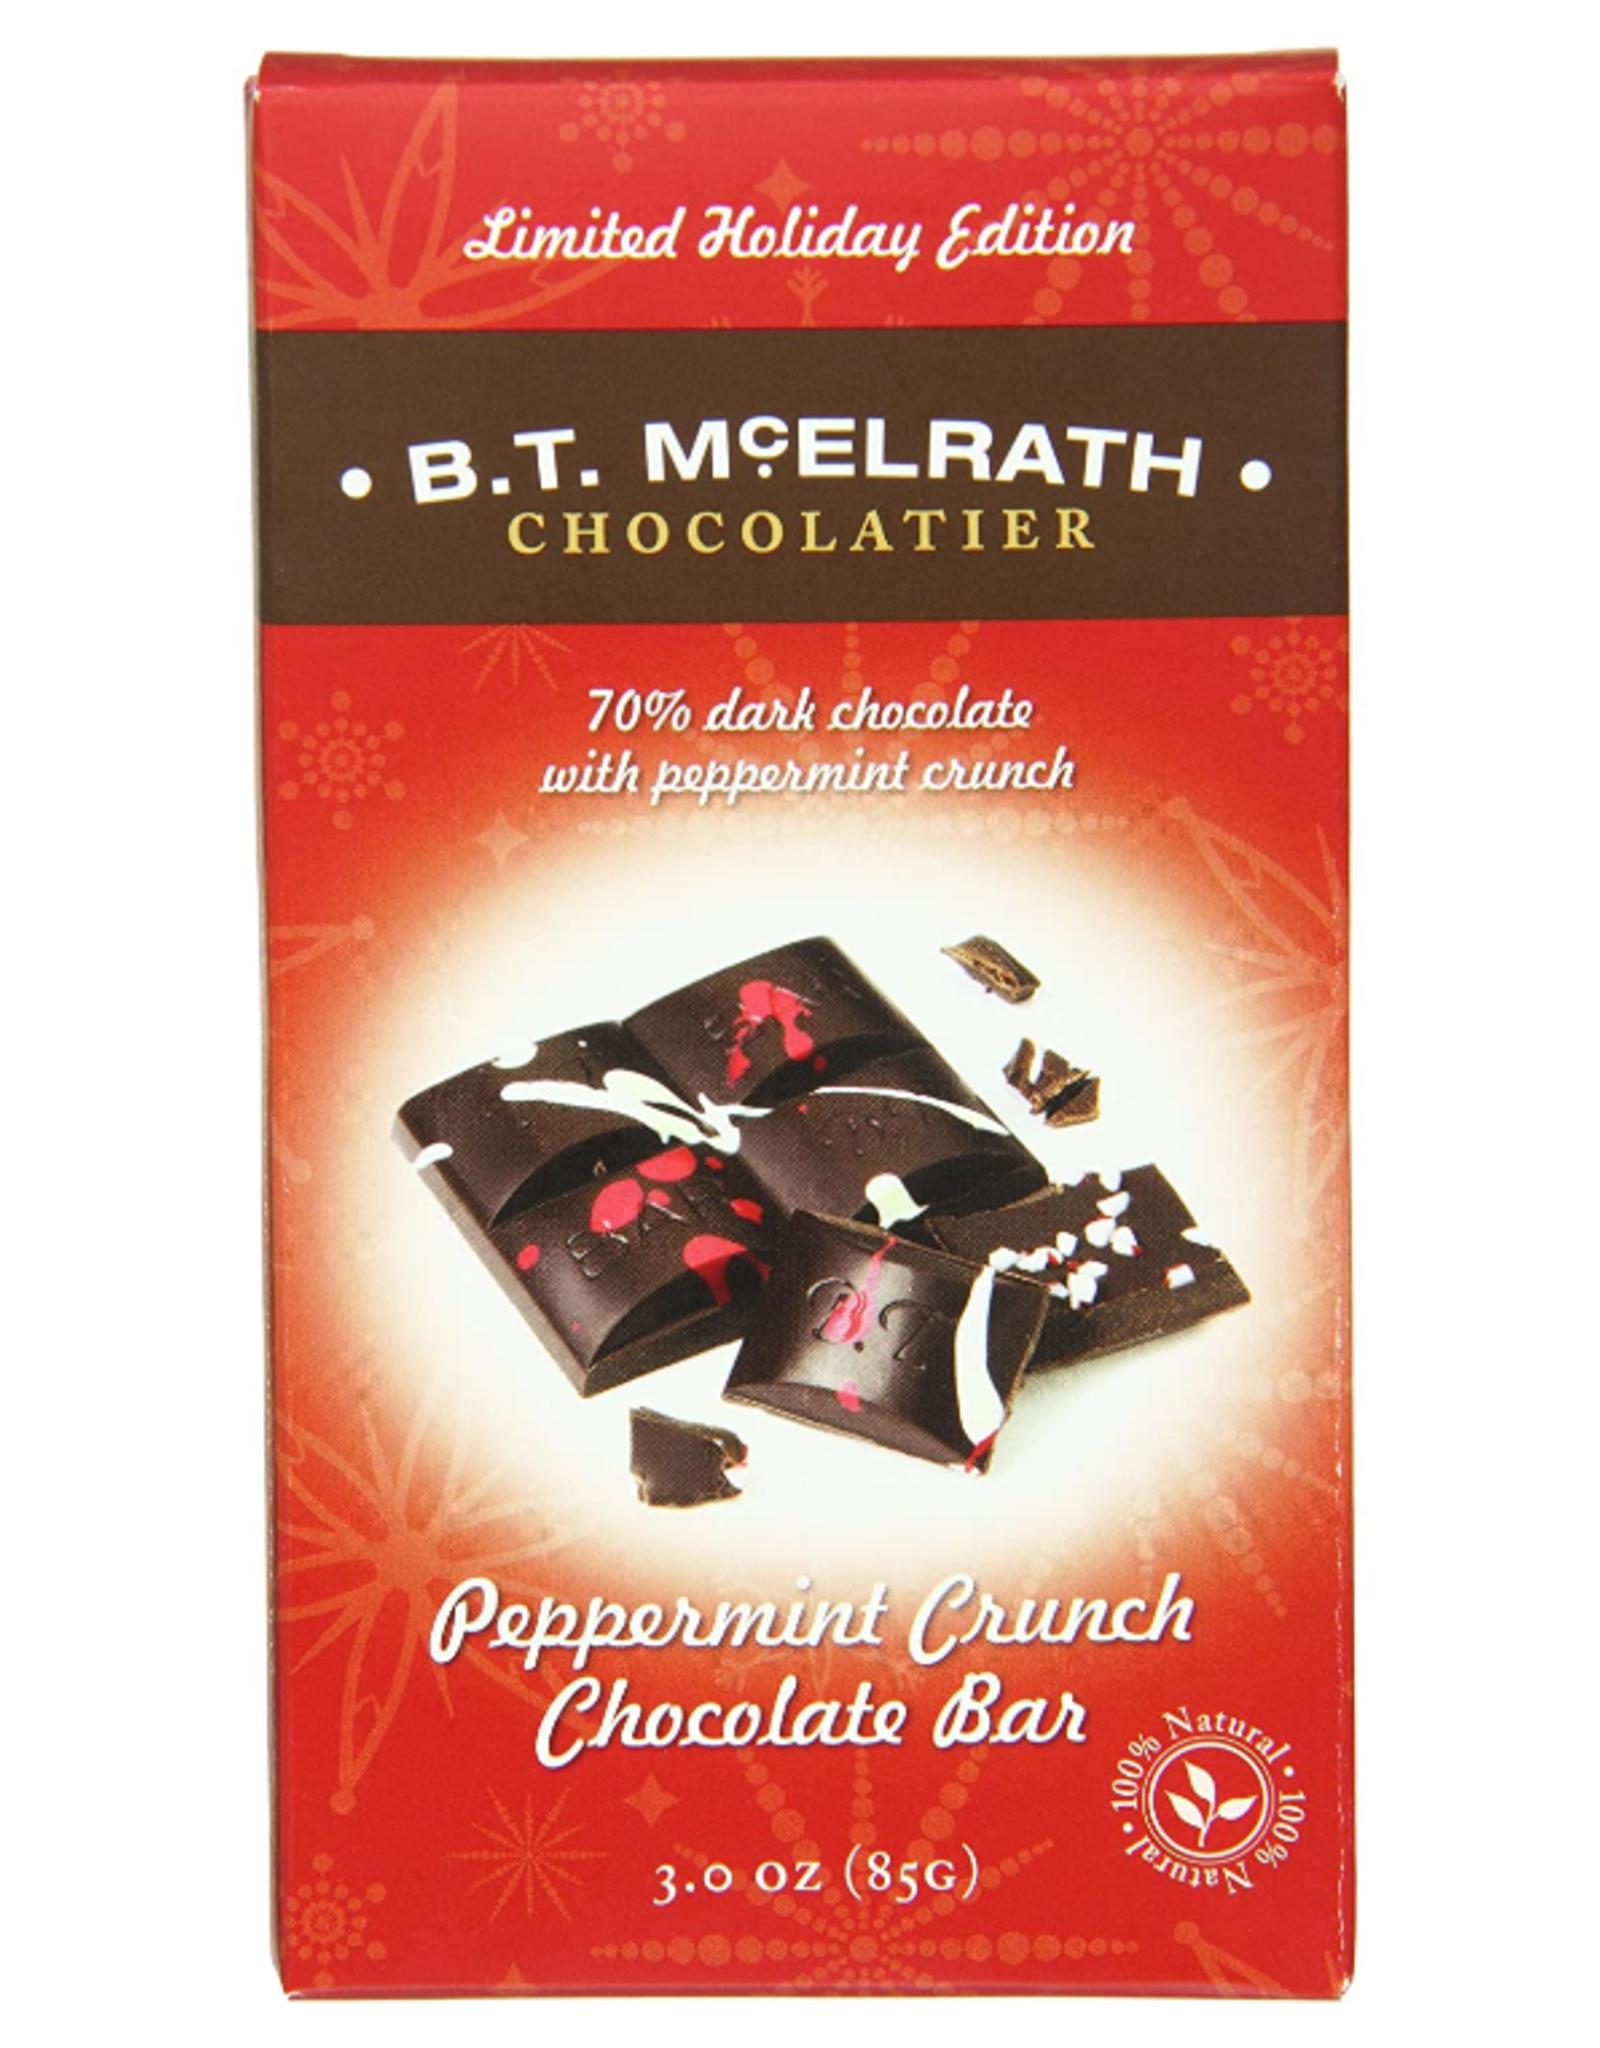 BT McElrath Peppermint Choc Bar, 3 oz